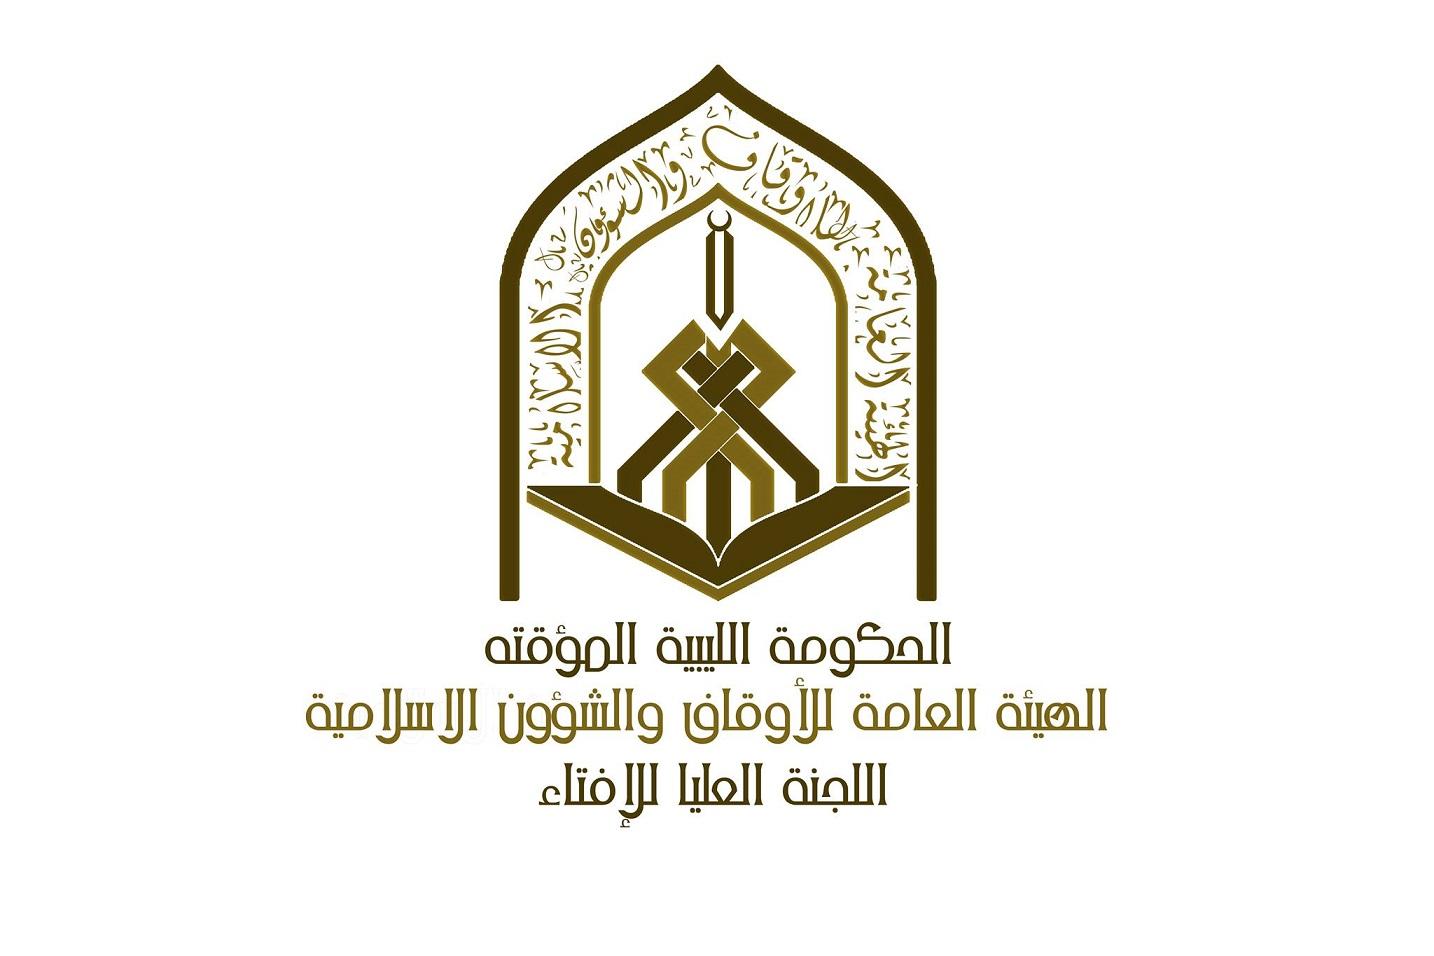 صورة هيأة الأوقاف تنفي القبض على بعض أعضاء اللجنة العليا للإفتاء من قبل الأمن الداخلي